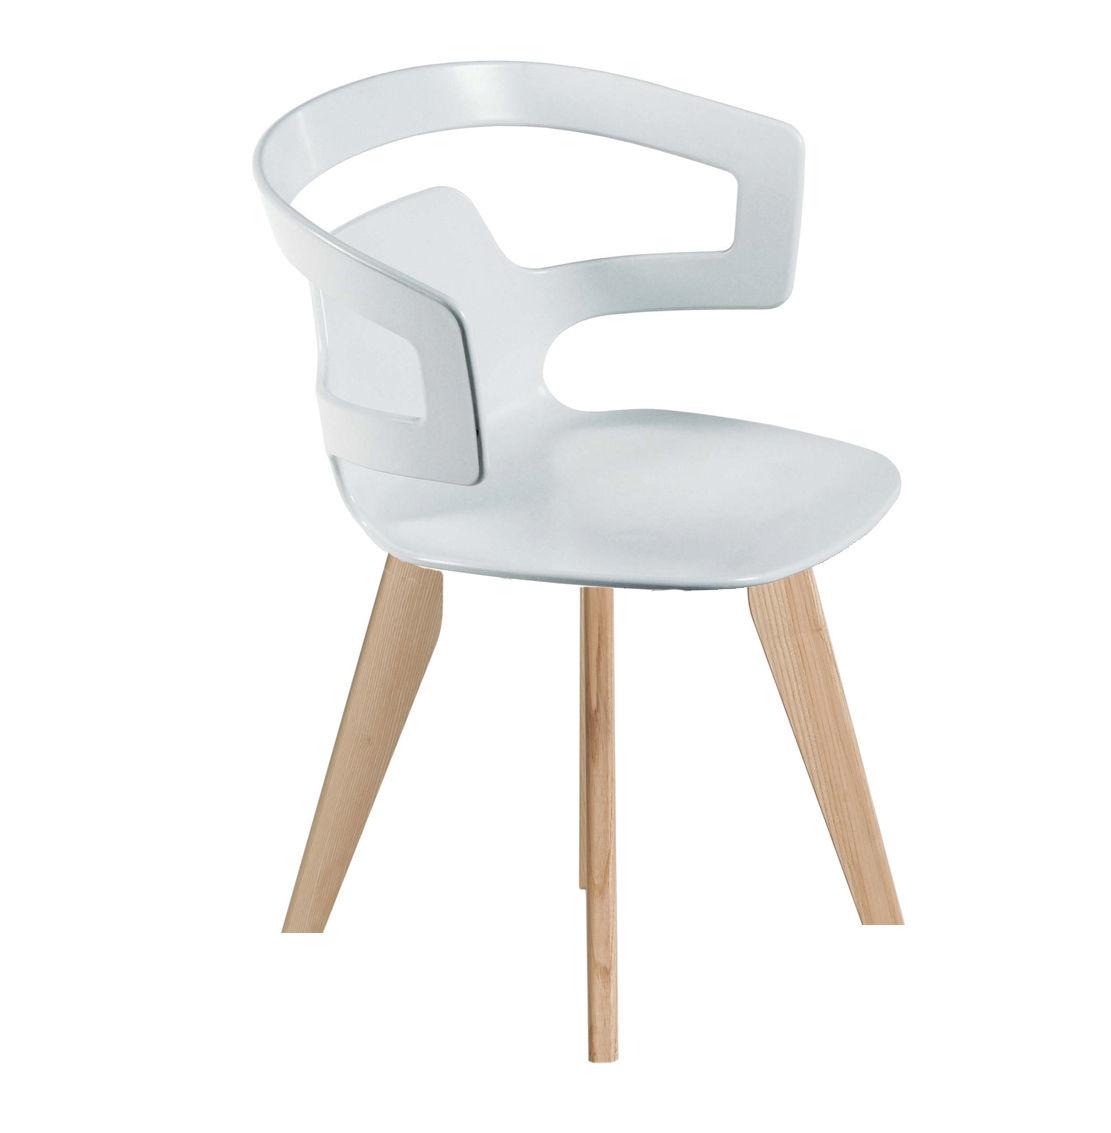 Mobilier - Chaises, fauteuils de salle à manger - Fauteuil Segesta Wood / Coque plastique & pieds bois - Alias - Piètement en finition chêne / Coque blanche - Chêne, Matière plastique